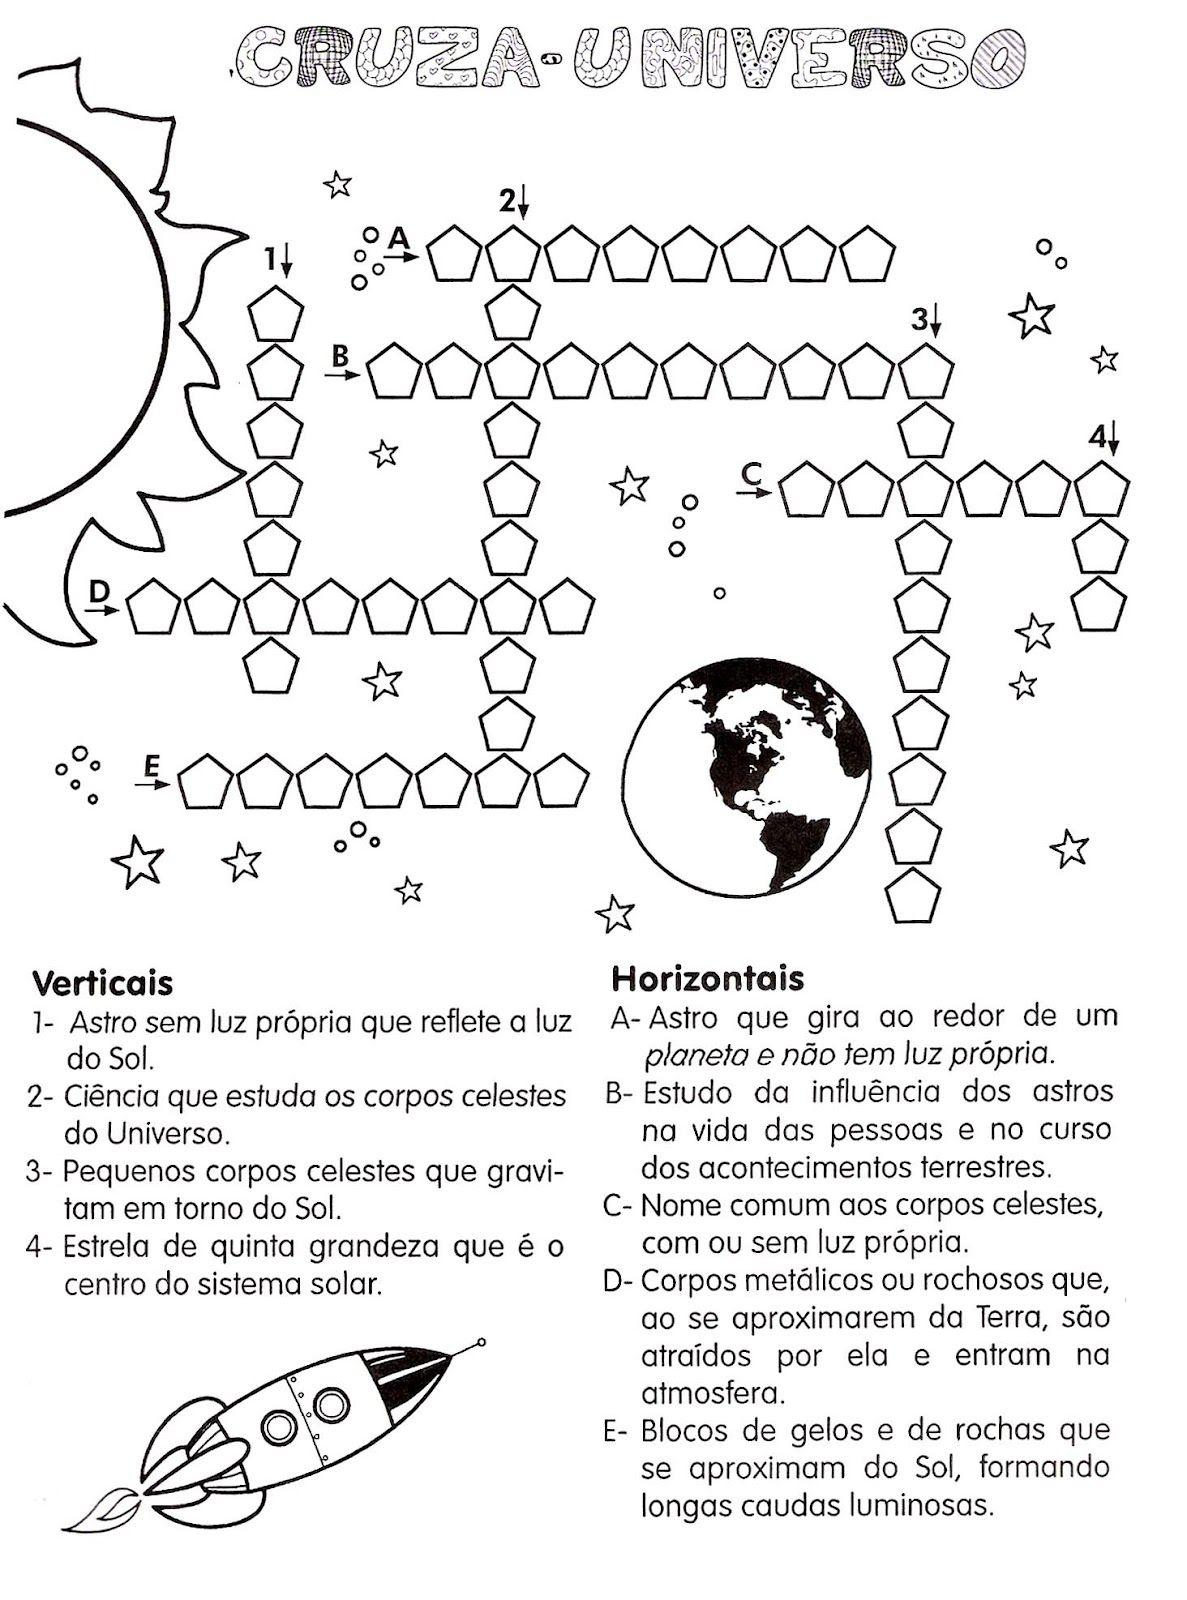 Atividades para ensinar os planetas do nosso sistema solar. Varias atividade excelente para ensinar ás crianças o nome e onde se situam os planetas que fazem parte do nosso sistema... Read more »